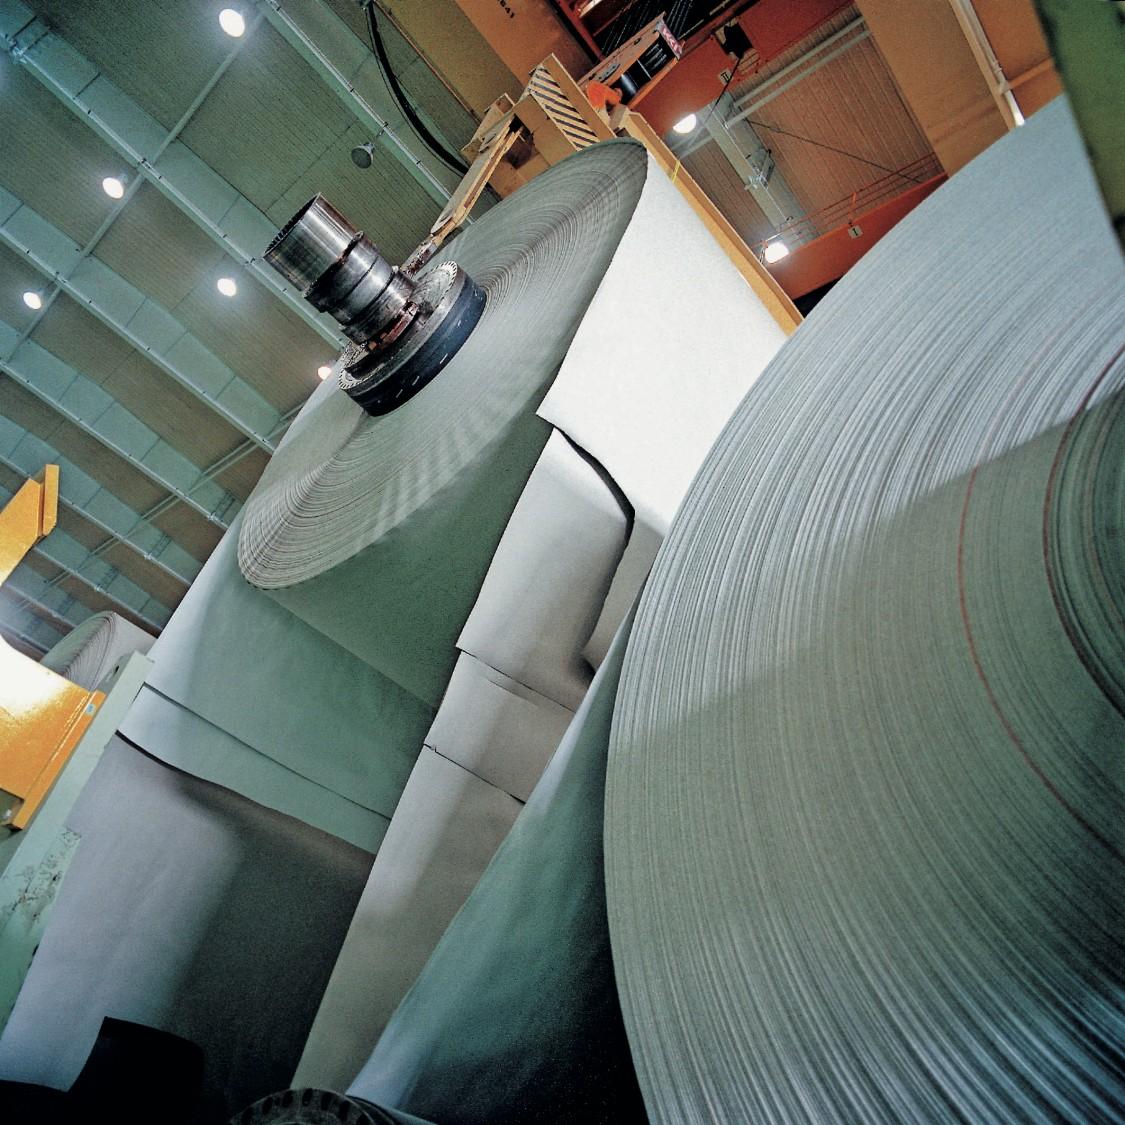 Das Bild zeigt eine Papiermaschine von oben